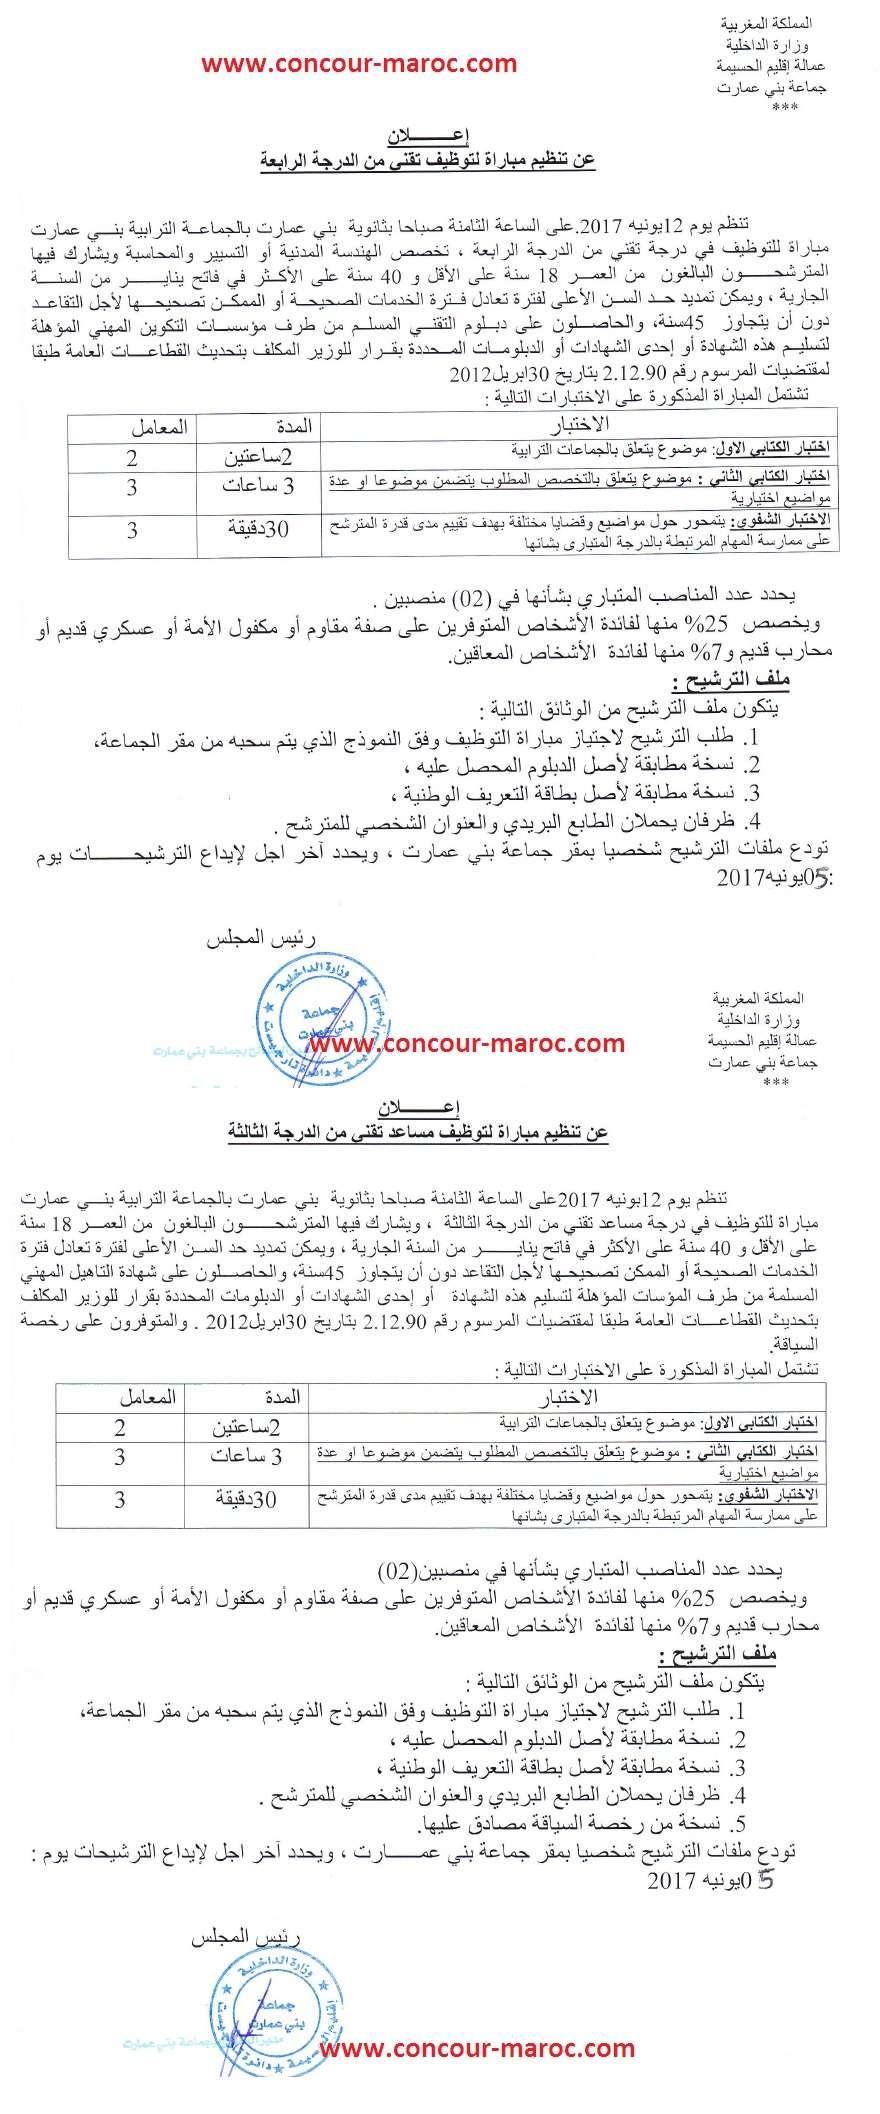 جماعة بني عمارت (إقليم الحسيمة) : مباراة توظيف في درجات مختلفة (7 مناصب) آخر أجل لإيداع الترشيحات 5 يونيو 2017 Conco105